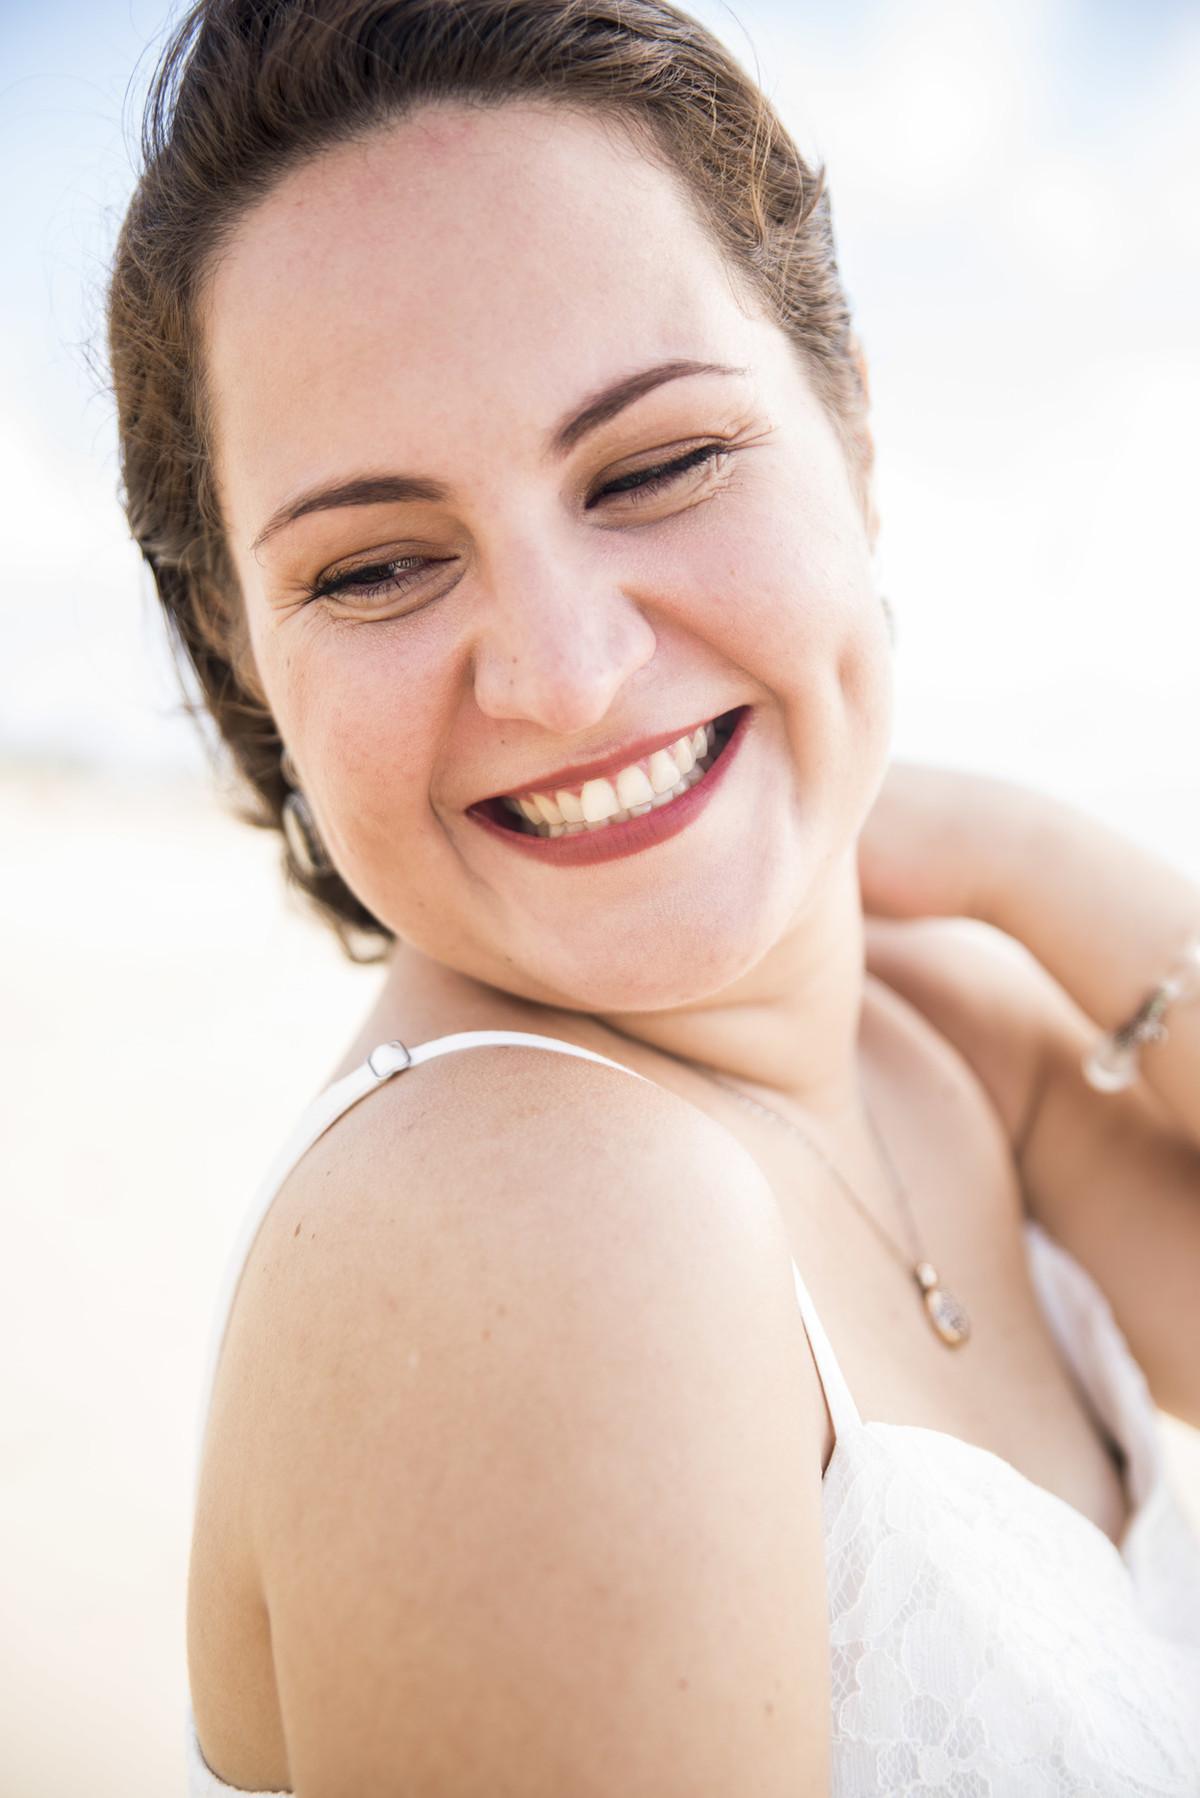 Mulher sorrindo na praia de Boa Viagem em Recife/PE, por Rafaelly Lemos